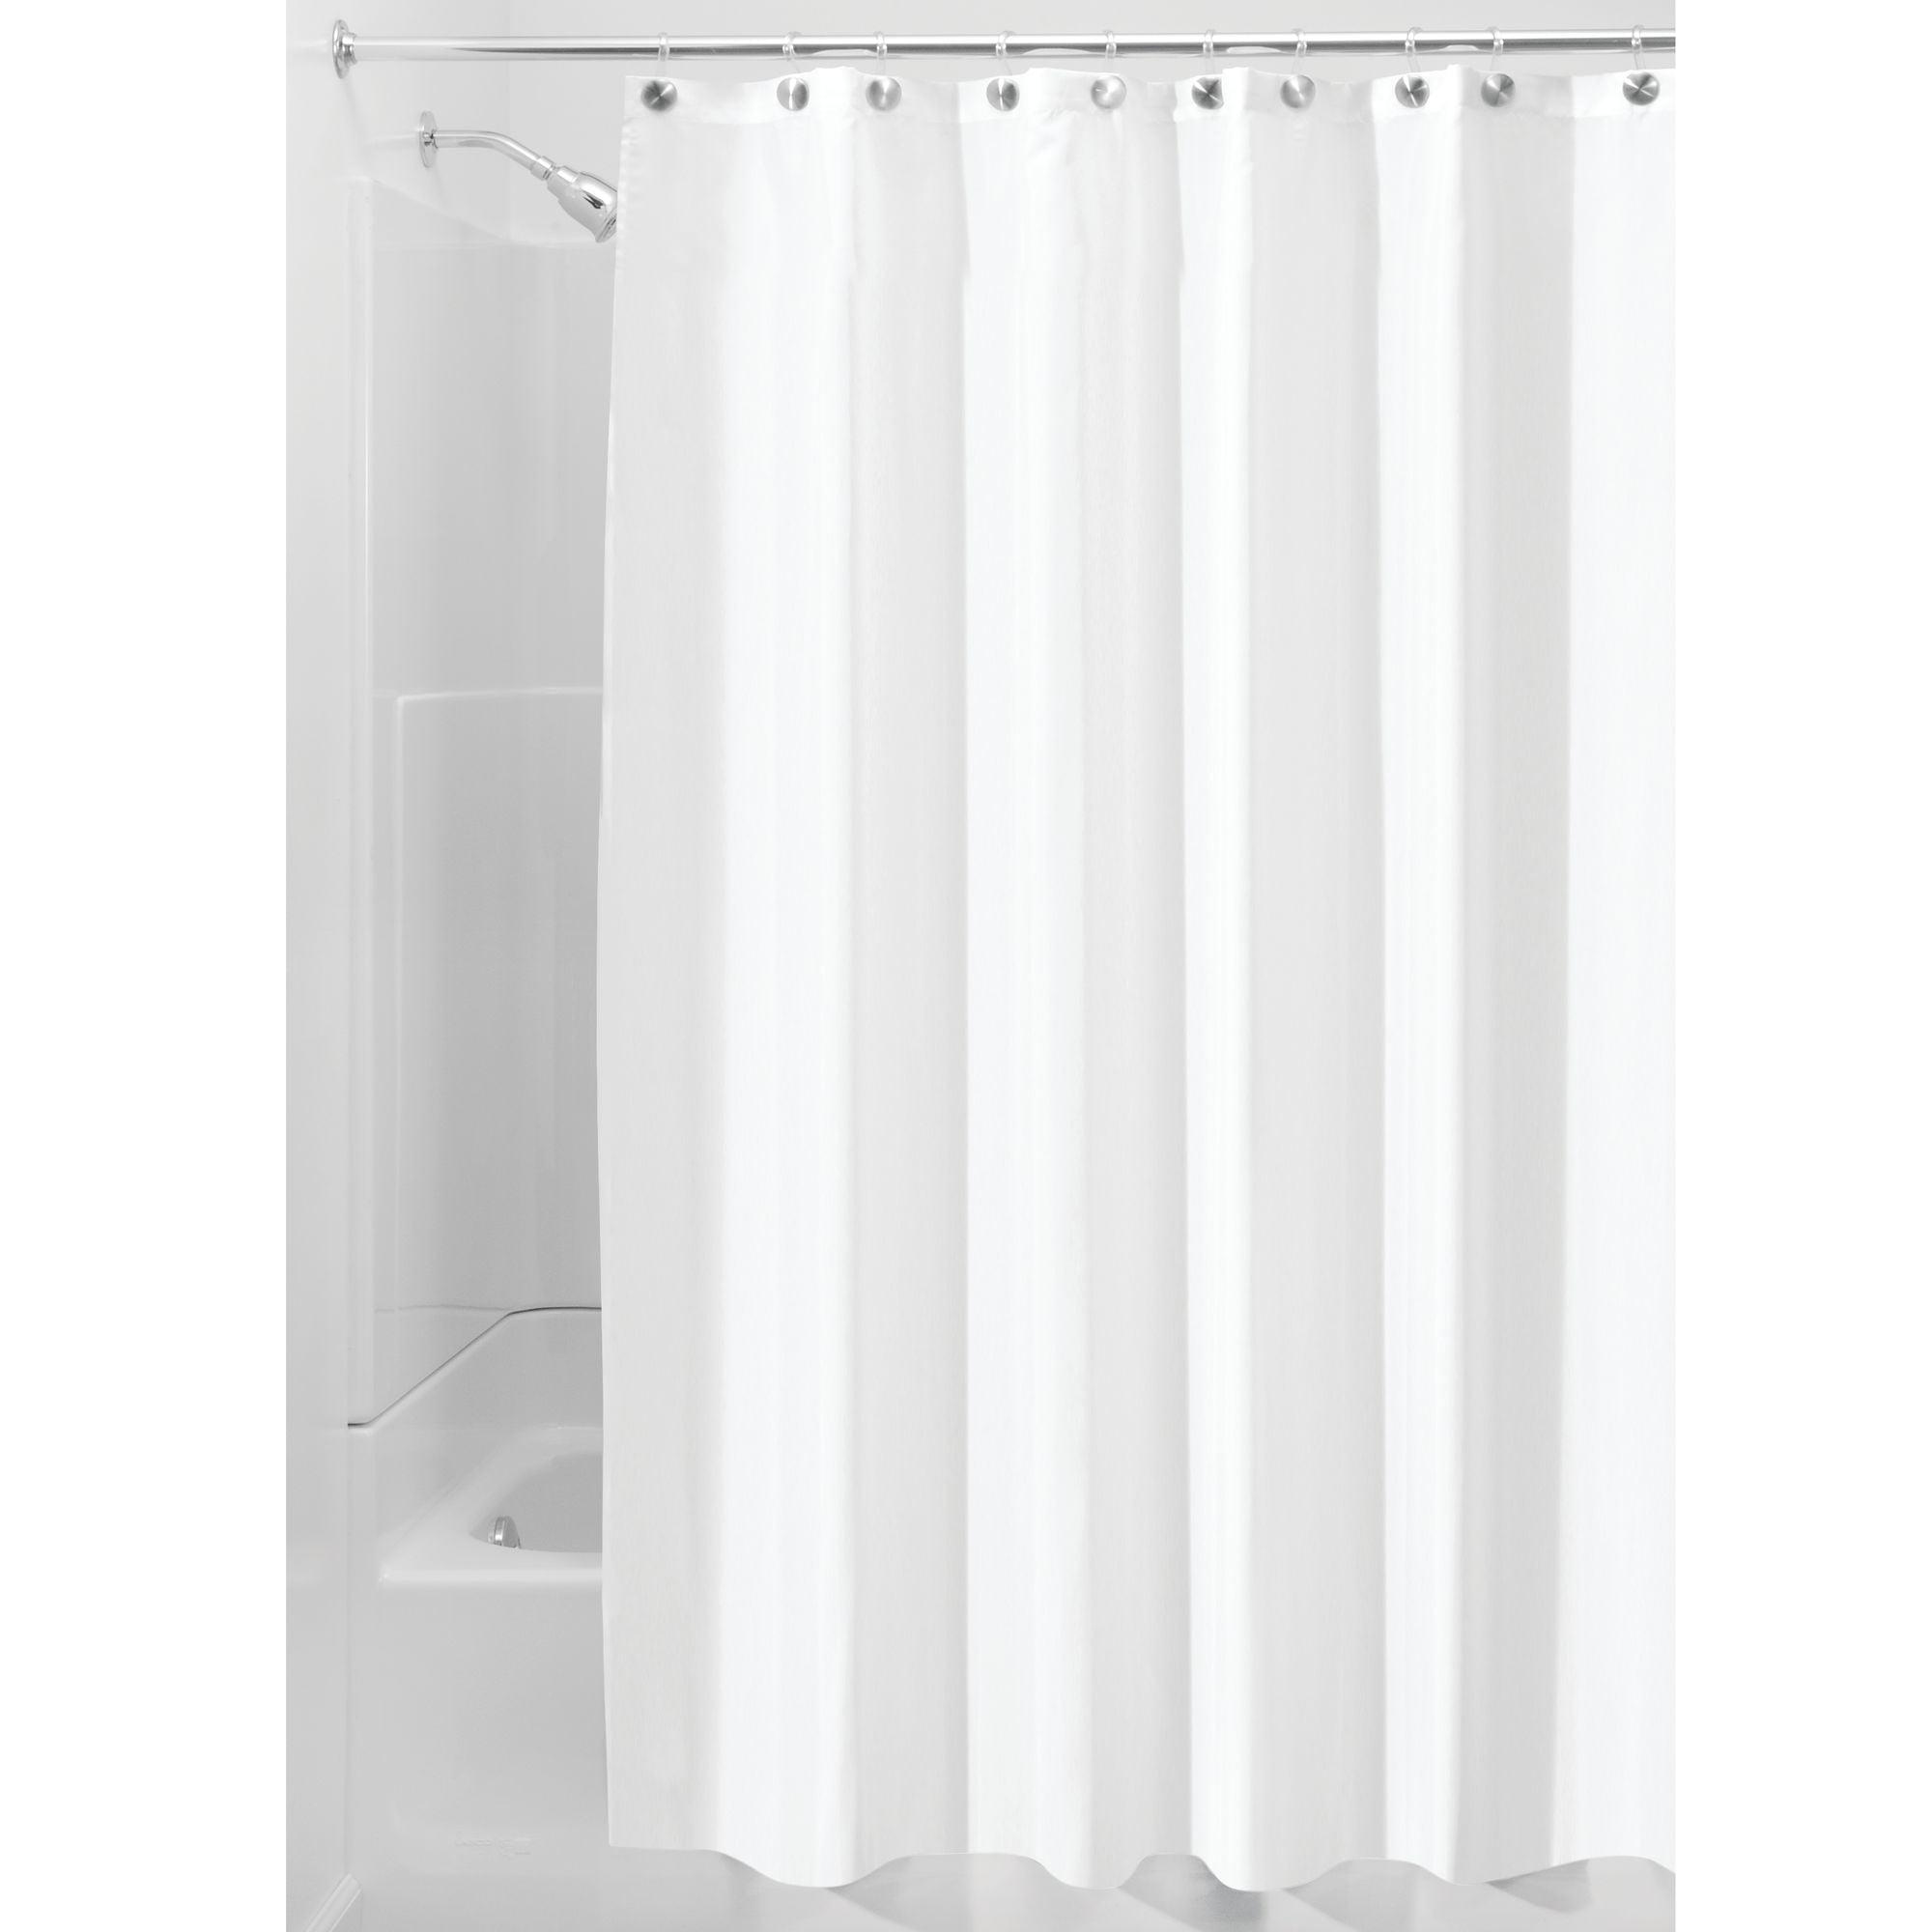 Interdesign Waterproof Fabric Shower